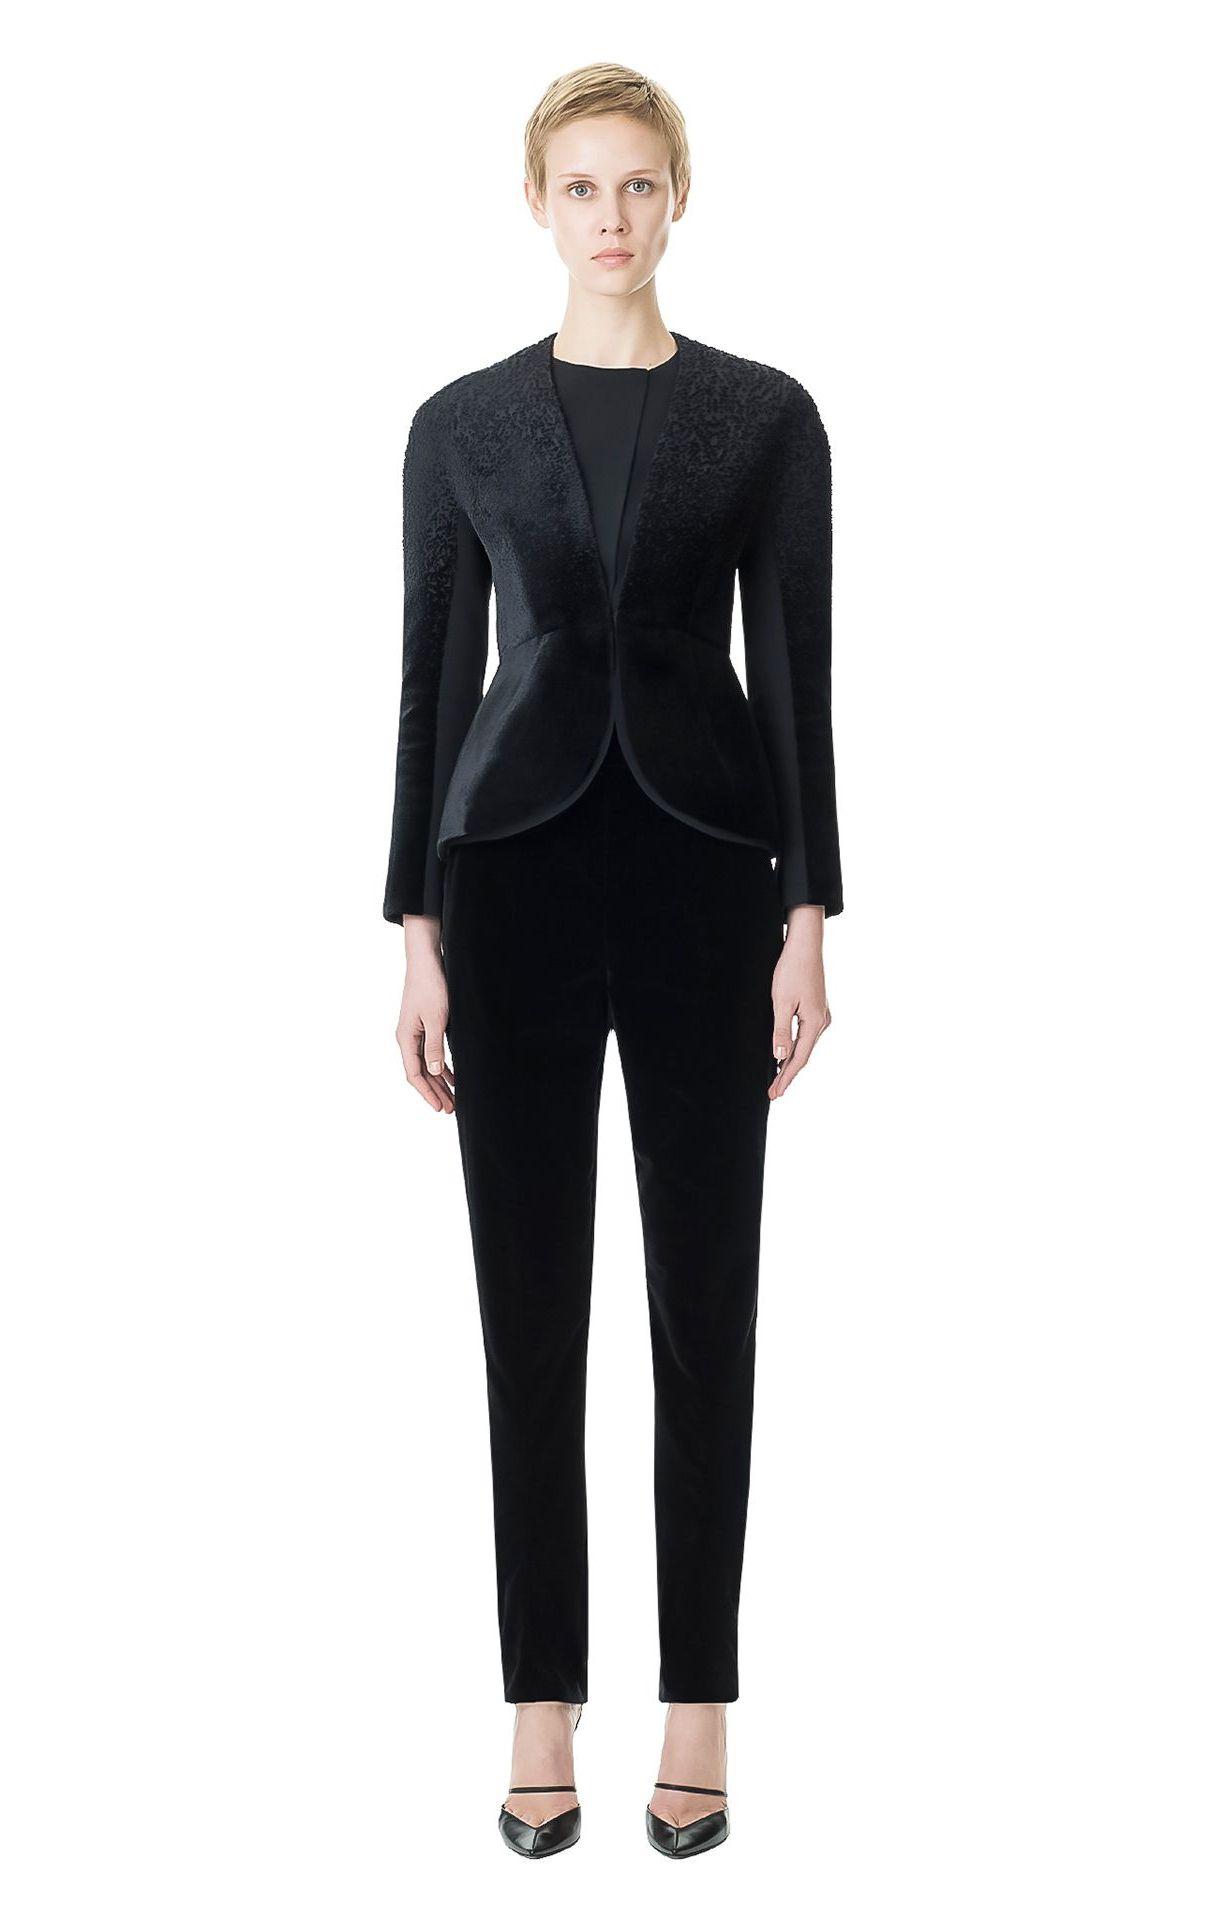 BALENCIAGA PETAL JACKET BLACK | Sleek petal shape jacket